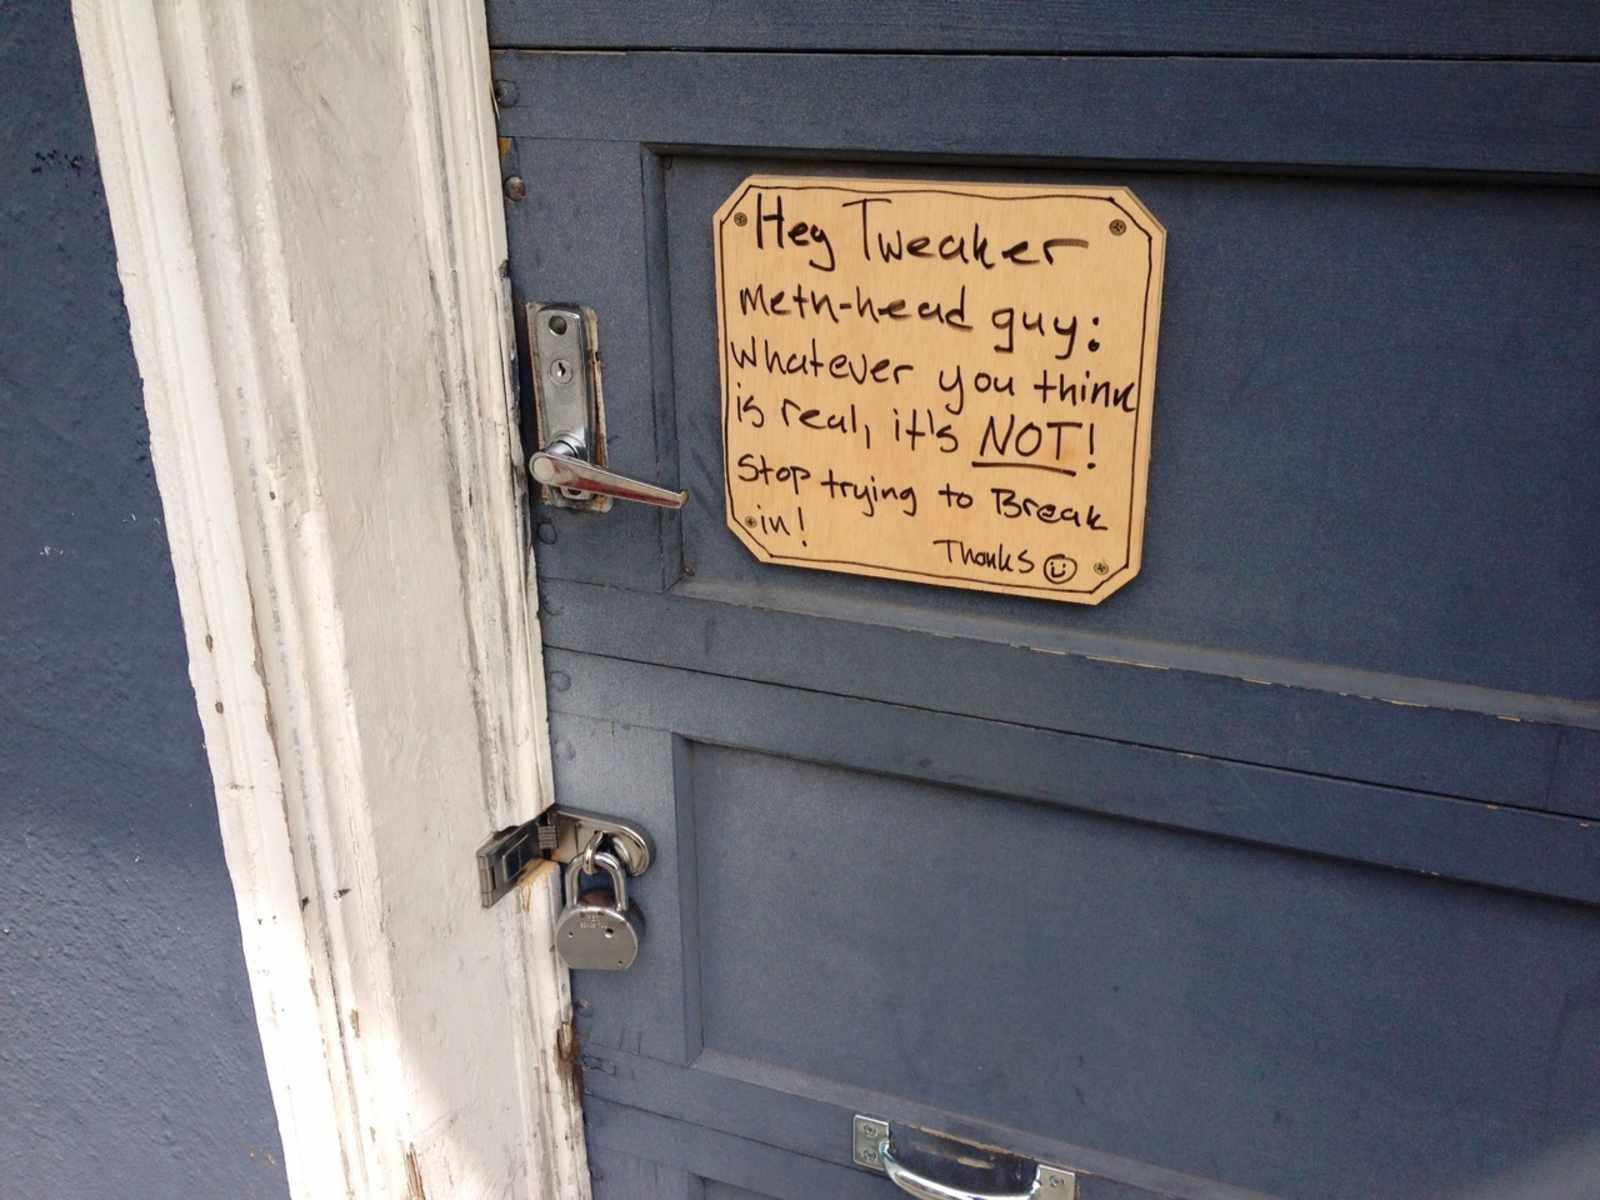 A Friendly Message to Our Neighborhood Tweaker Meth-head